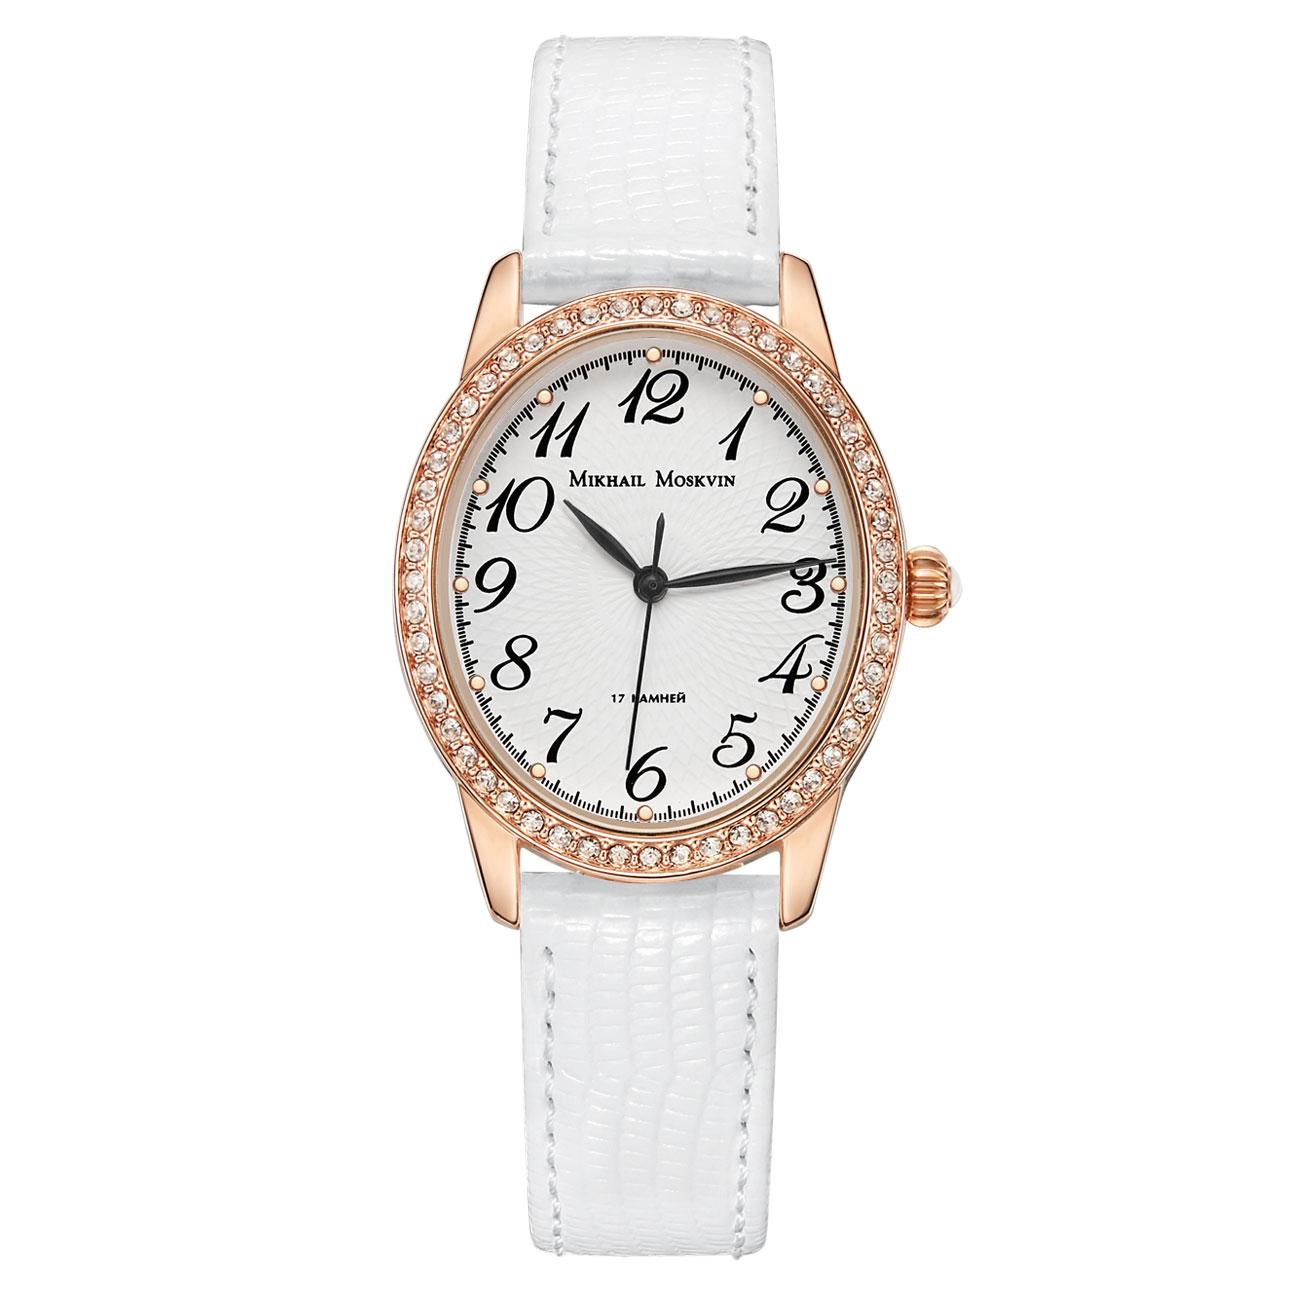 Часы Mikhail Moskvin 569-8-6 все цены